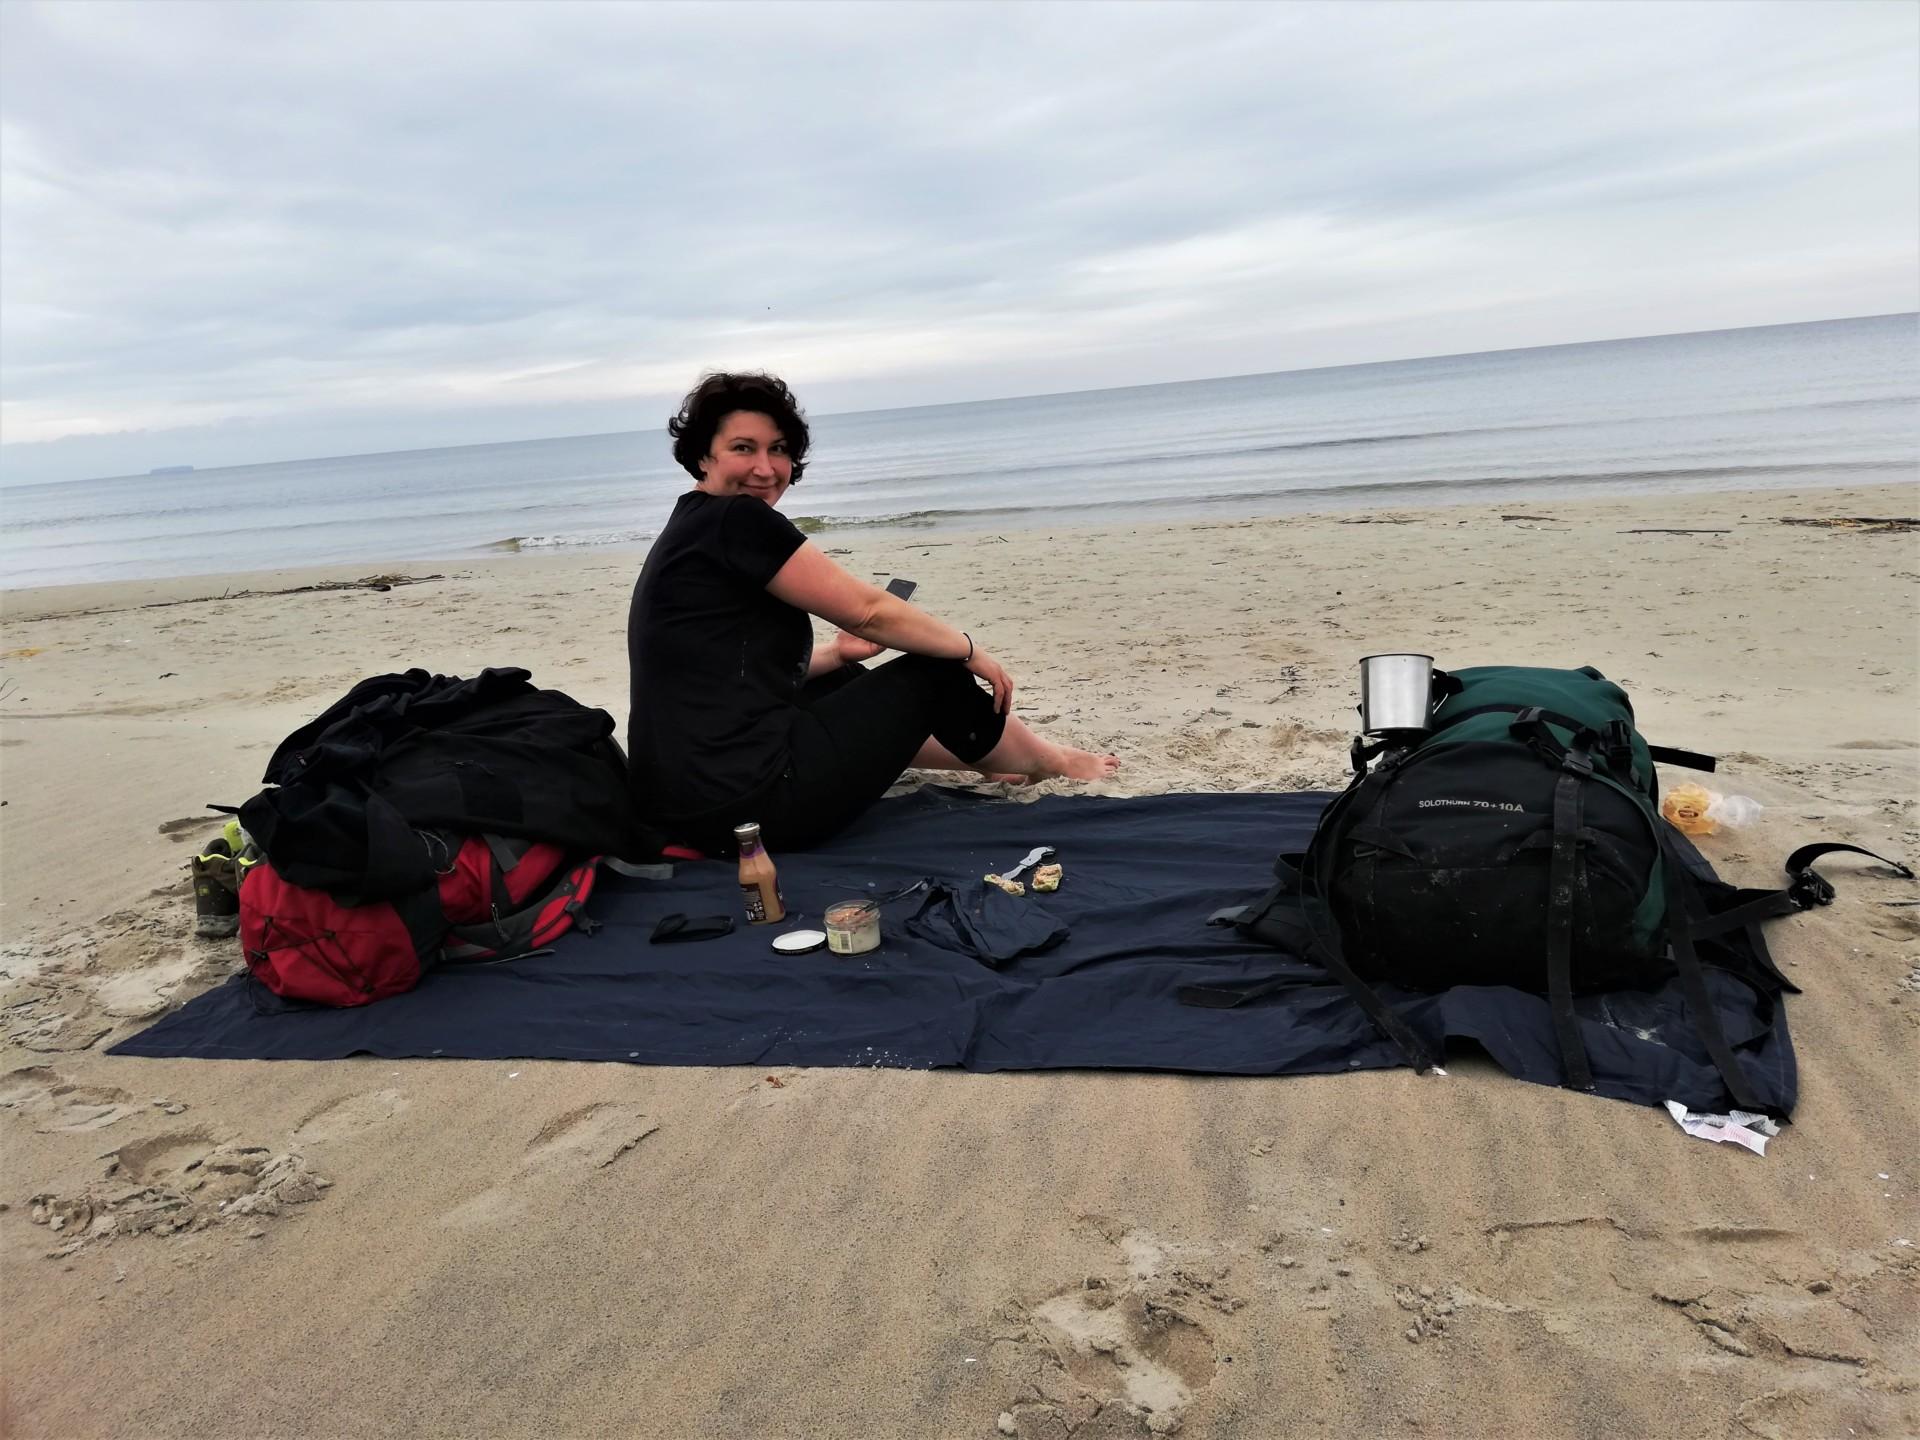 Mikrowyprawa: buschcraft i plażing czyli sztuka kompromisu 3